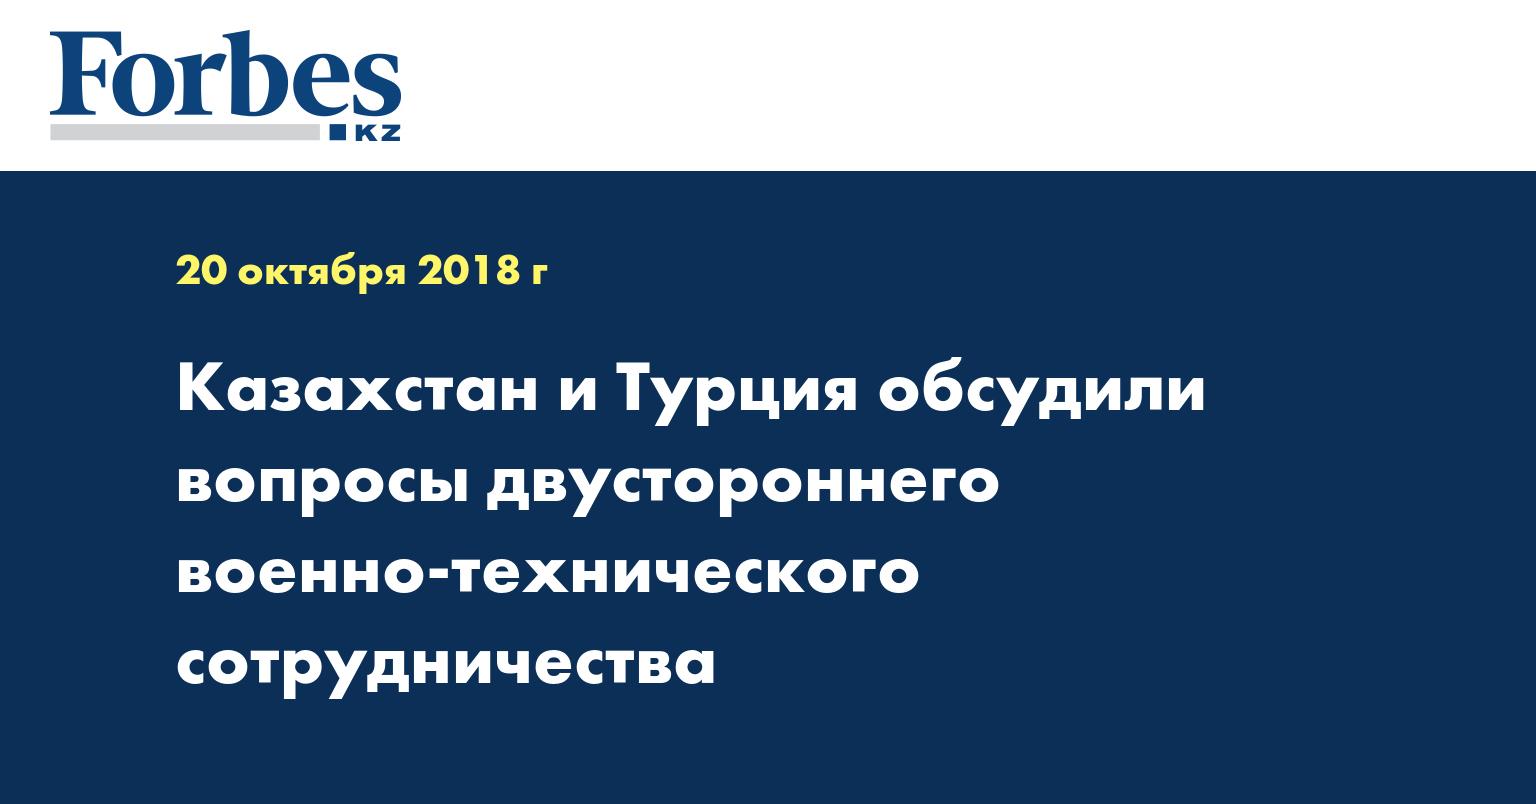 Казахстан и Турция обсудили вопросы двустороннего военно-технического сотрудничества